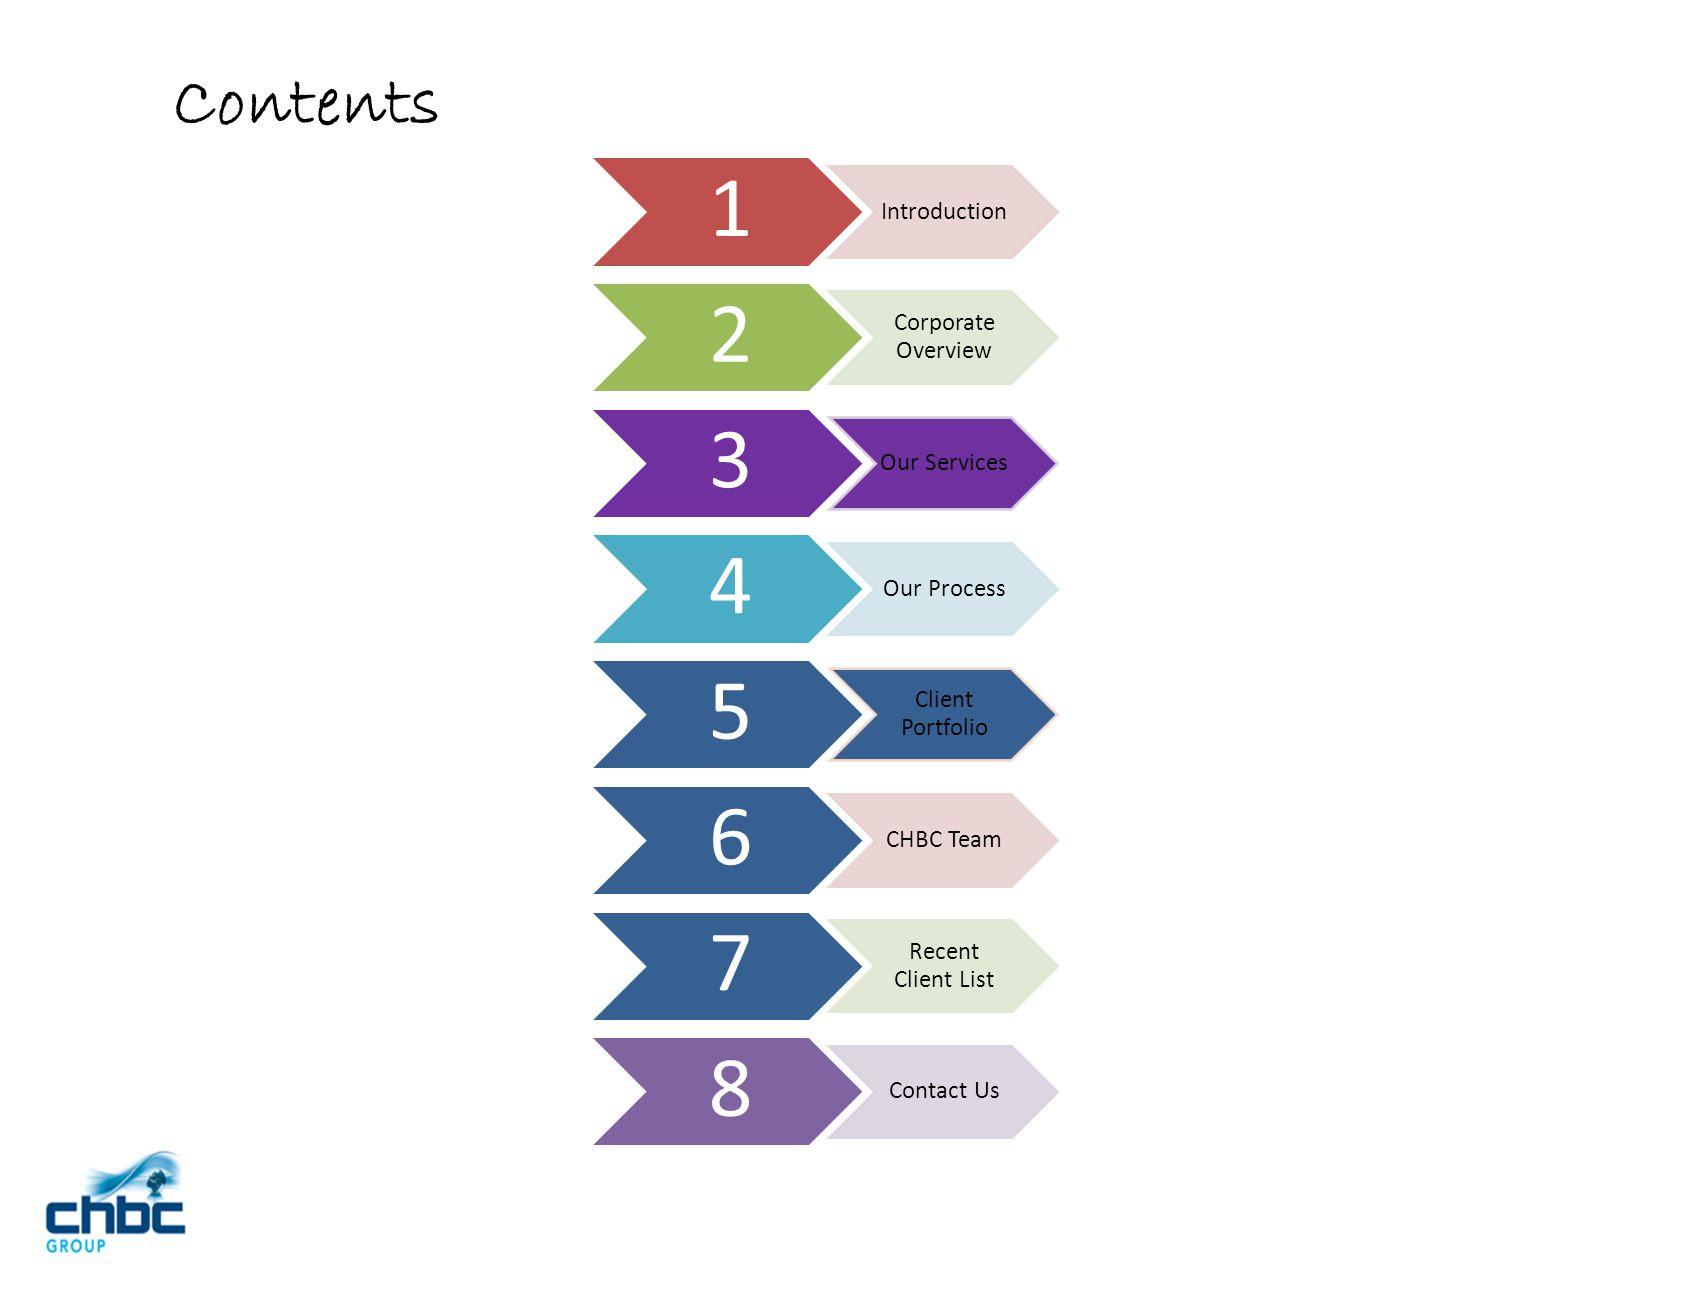 1 Introduction 2 Corporate Overview 3 Our Services 4 Our Process 5 Client Portfolio 6 CHBC Team 7 Recent Client List 8 Contact Us Contents